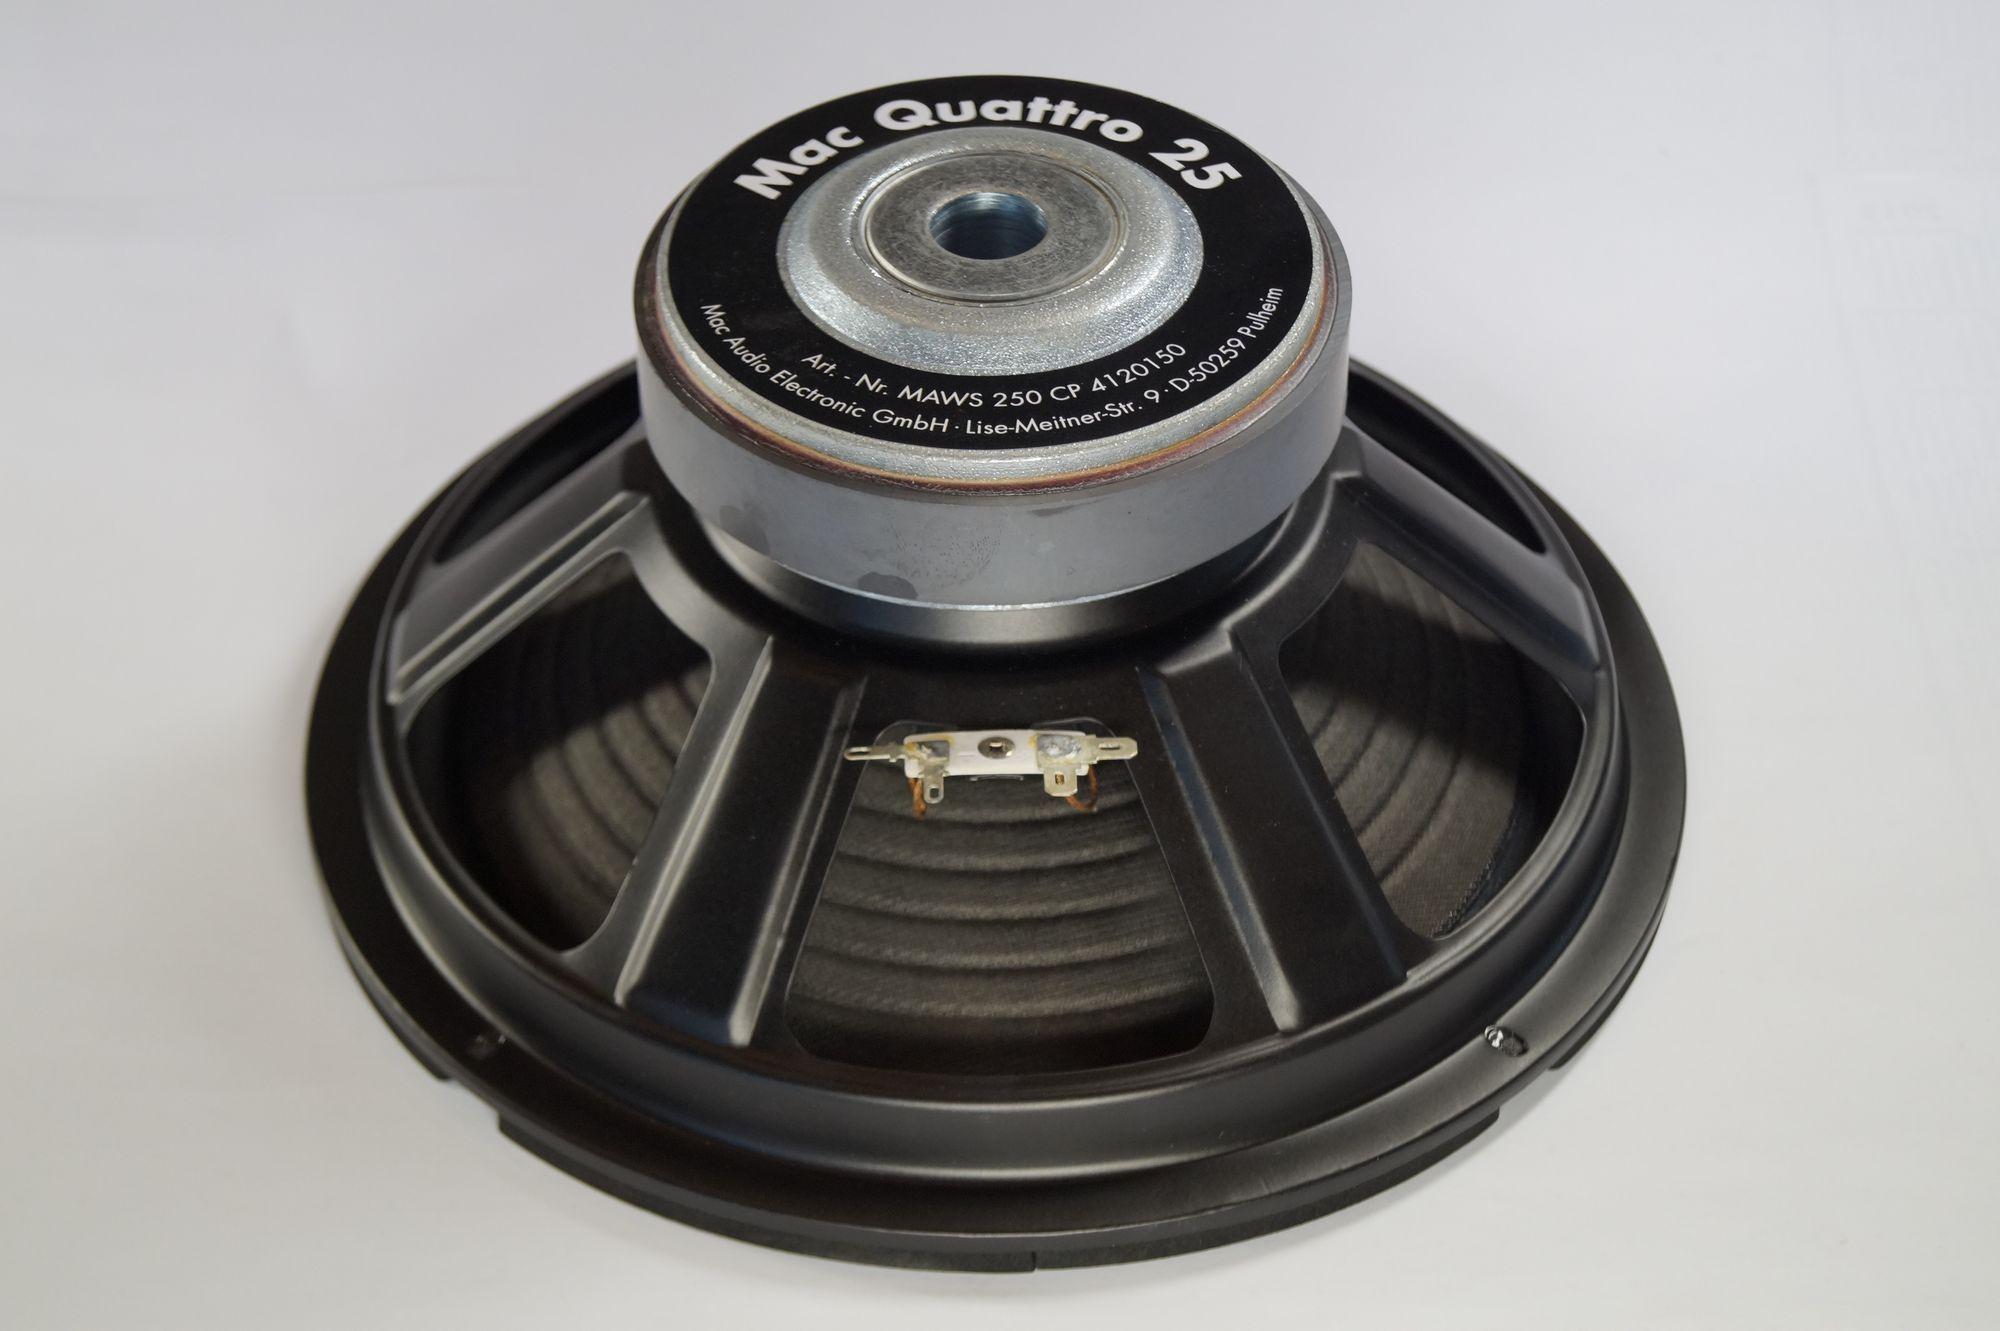 Mac Audio Quattro 25,25 cm Subwoofer,Basslautsprecher,Tieftöner – Bild 2